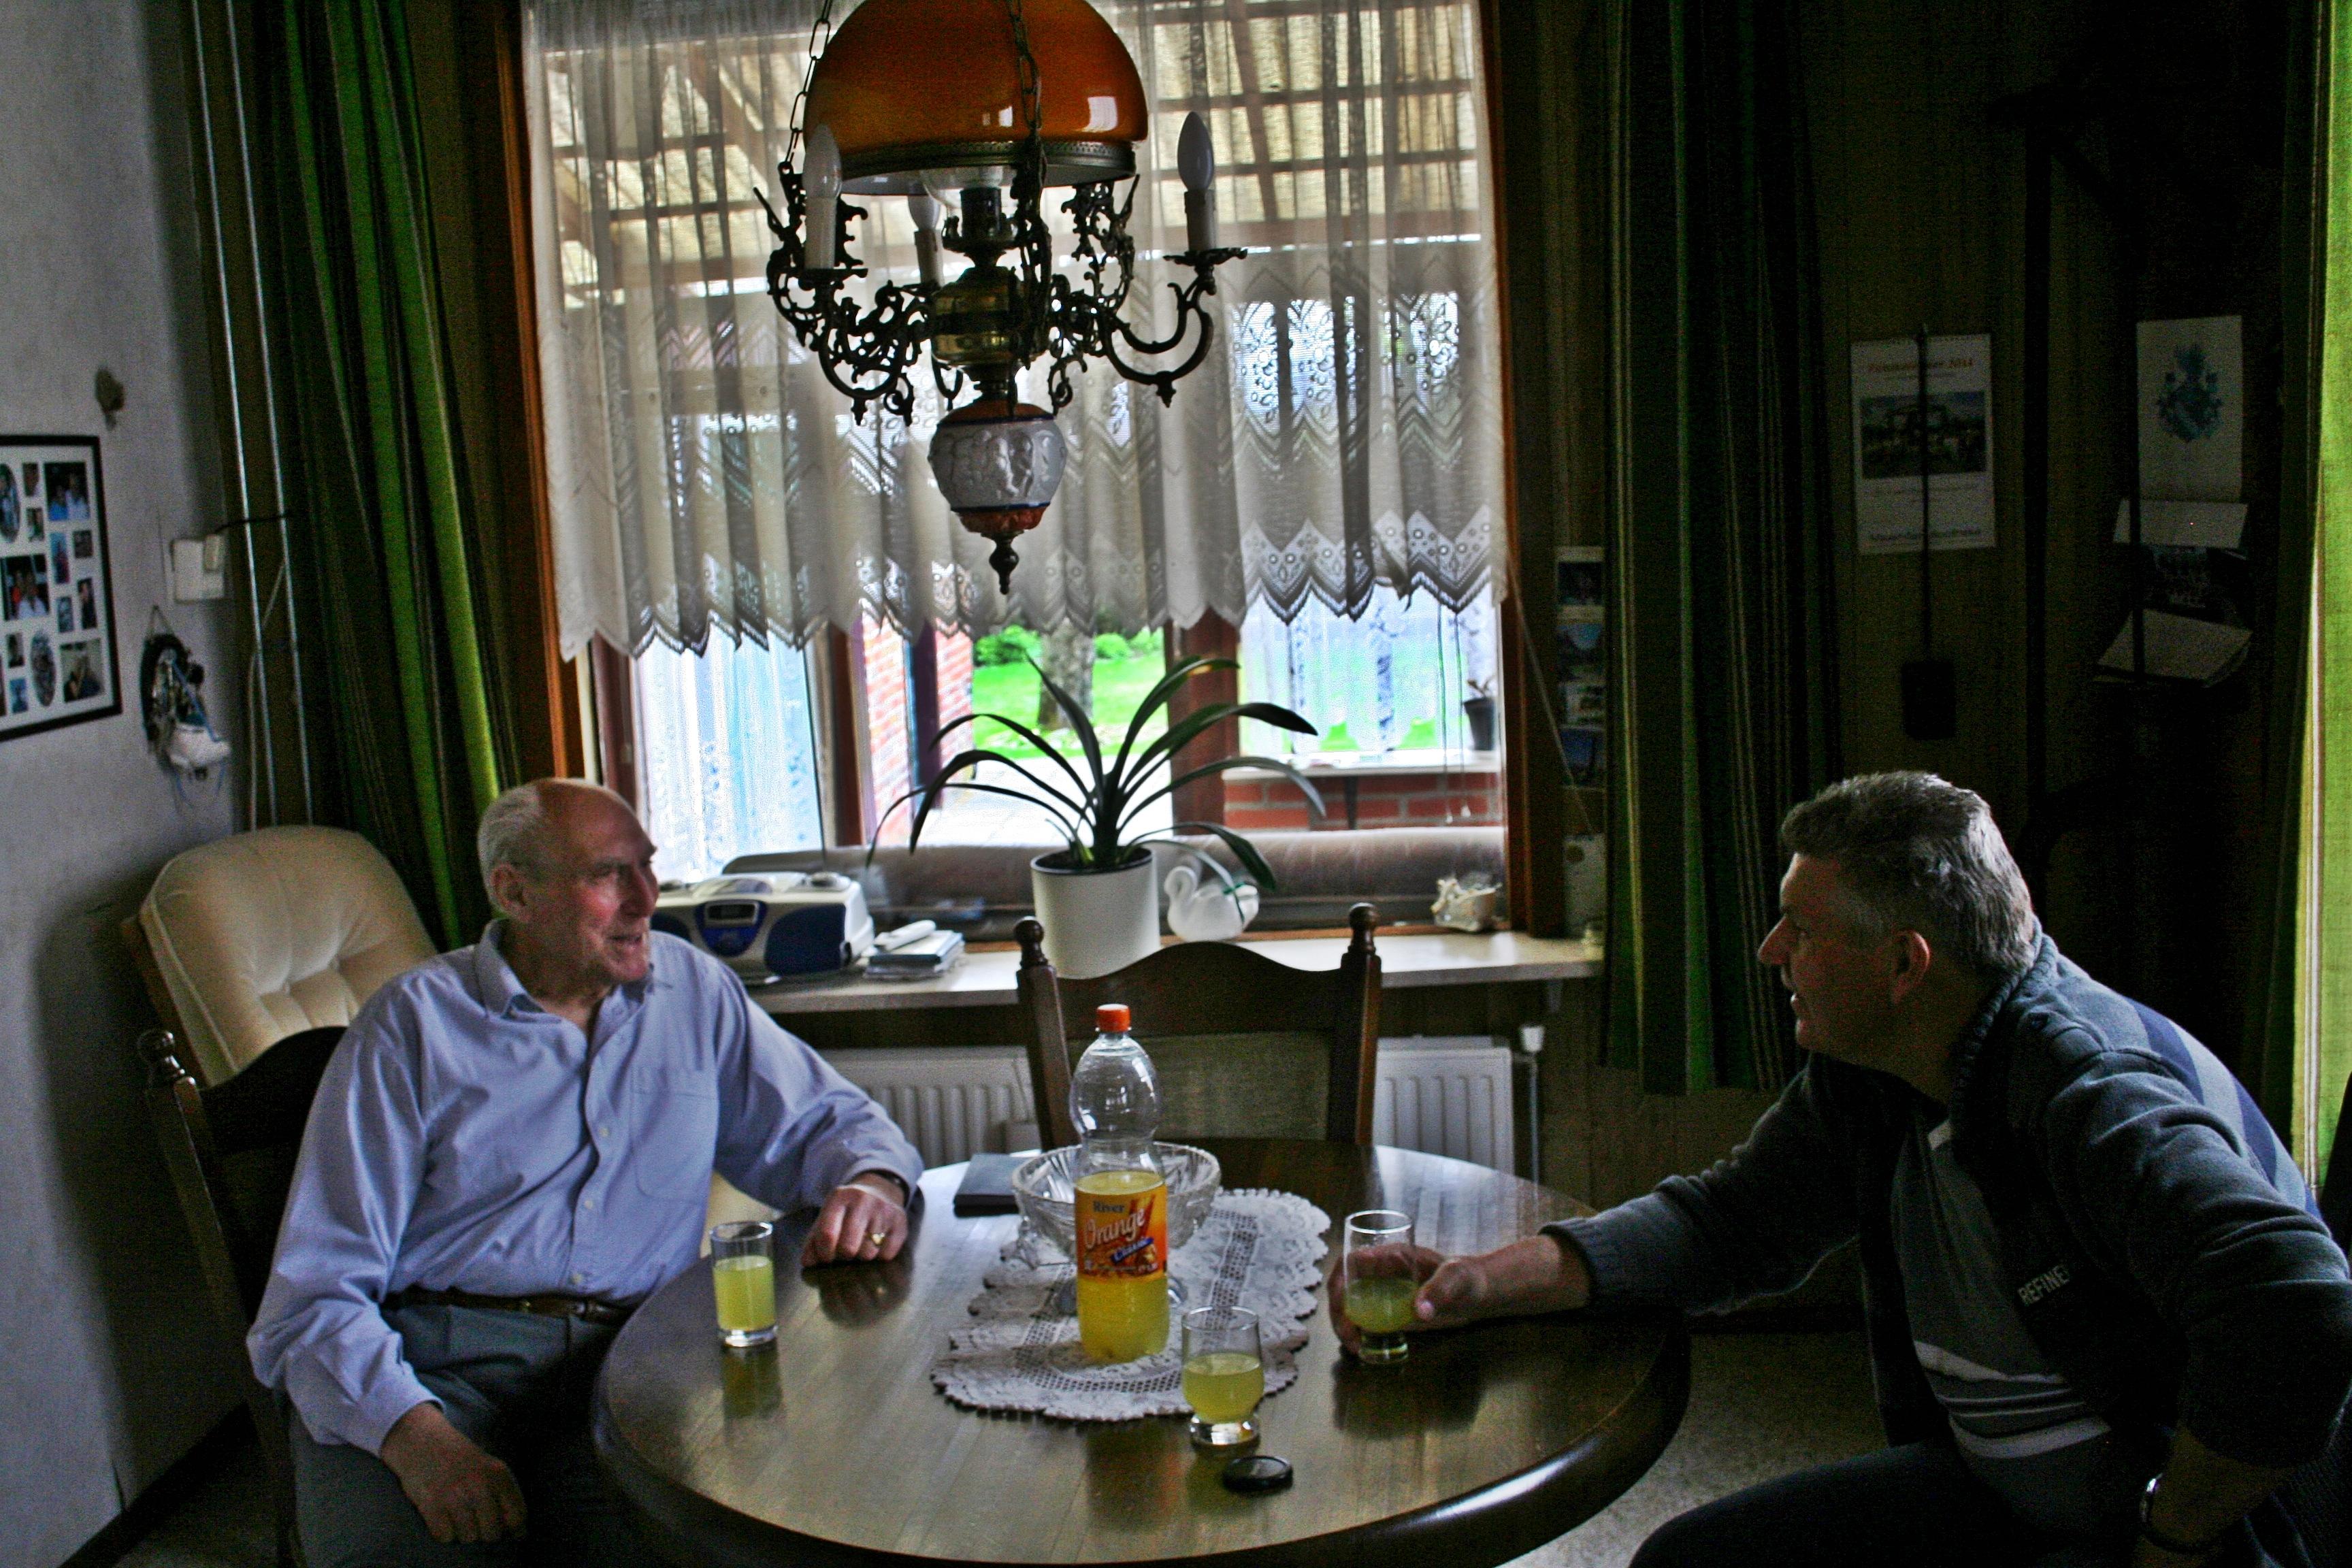 Geert Kluiter 07-04-2011 (4)